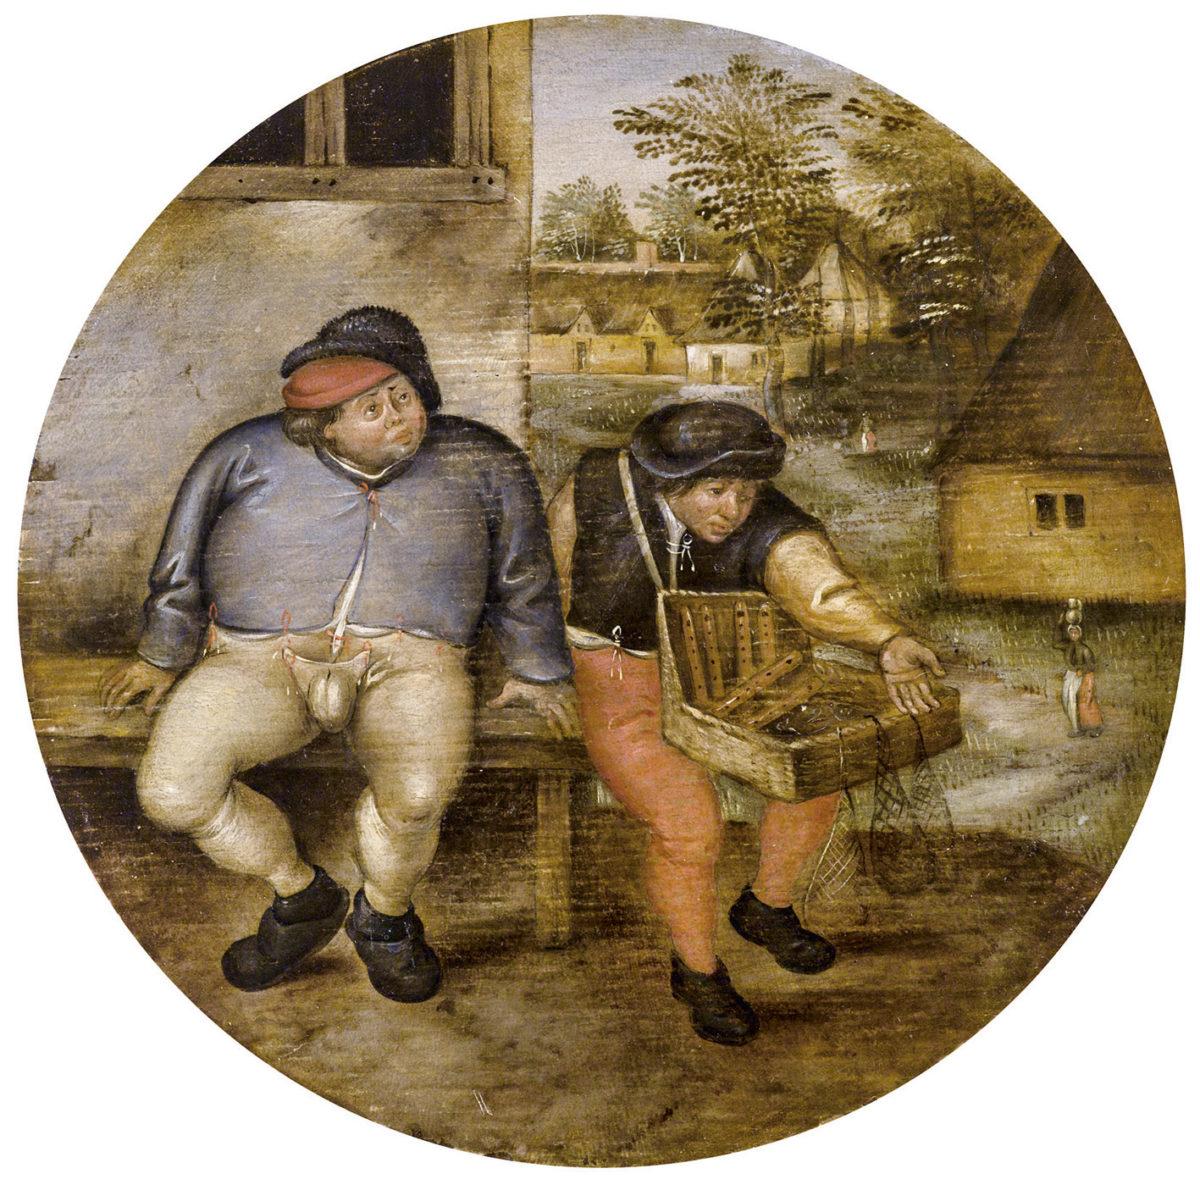 Pieter Brueghel II., Der dicke Bauer und Krämer auf einer Bank, Flämisches Sprichwort, Öl auf Holz, Tondo, Dm 18 cm, gerahmt. erzielter Preis: 216.784, Schätzwert 180.000 - 220.000 Euro